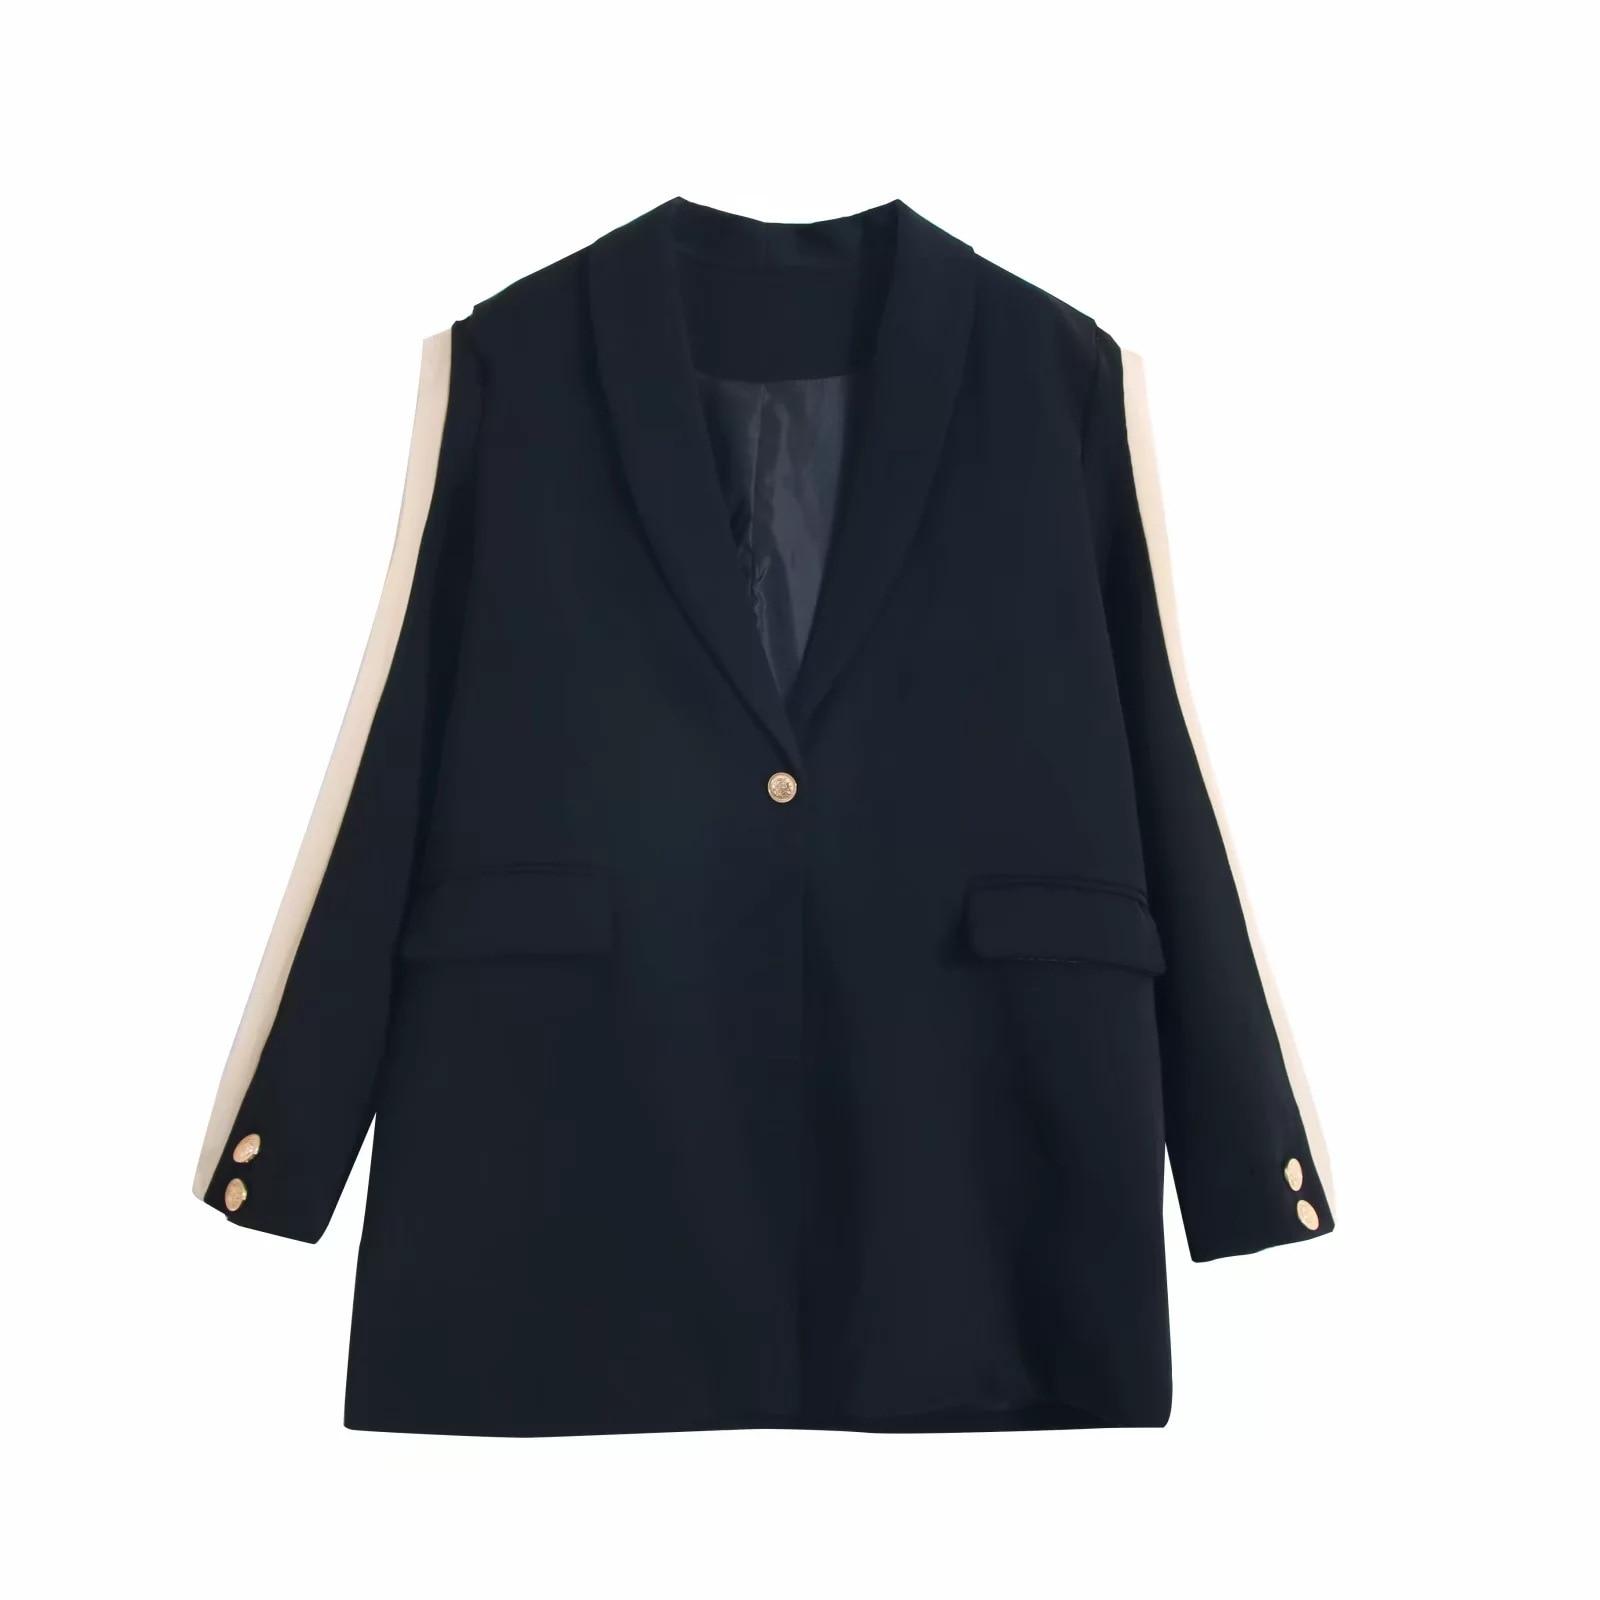 2019 Autumn New Women's Jacket Casual Large Size Loose Stitching Chiffon Full Sleeve Long Suit Jacket Female Office Blazer